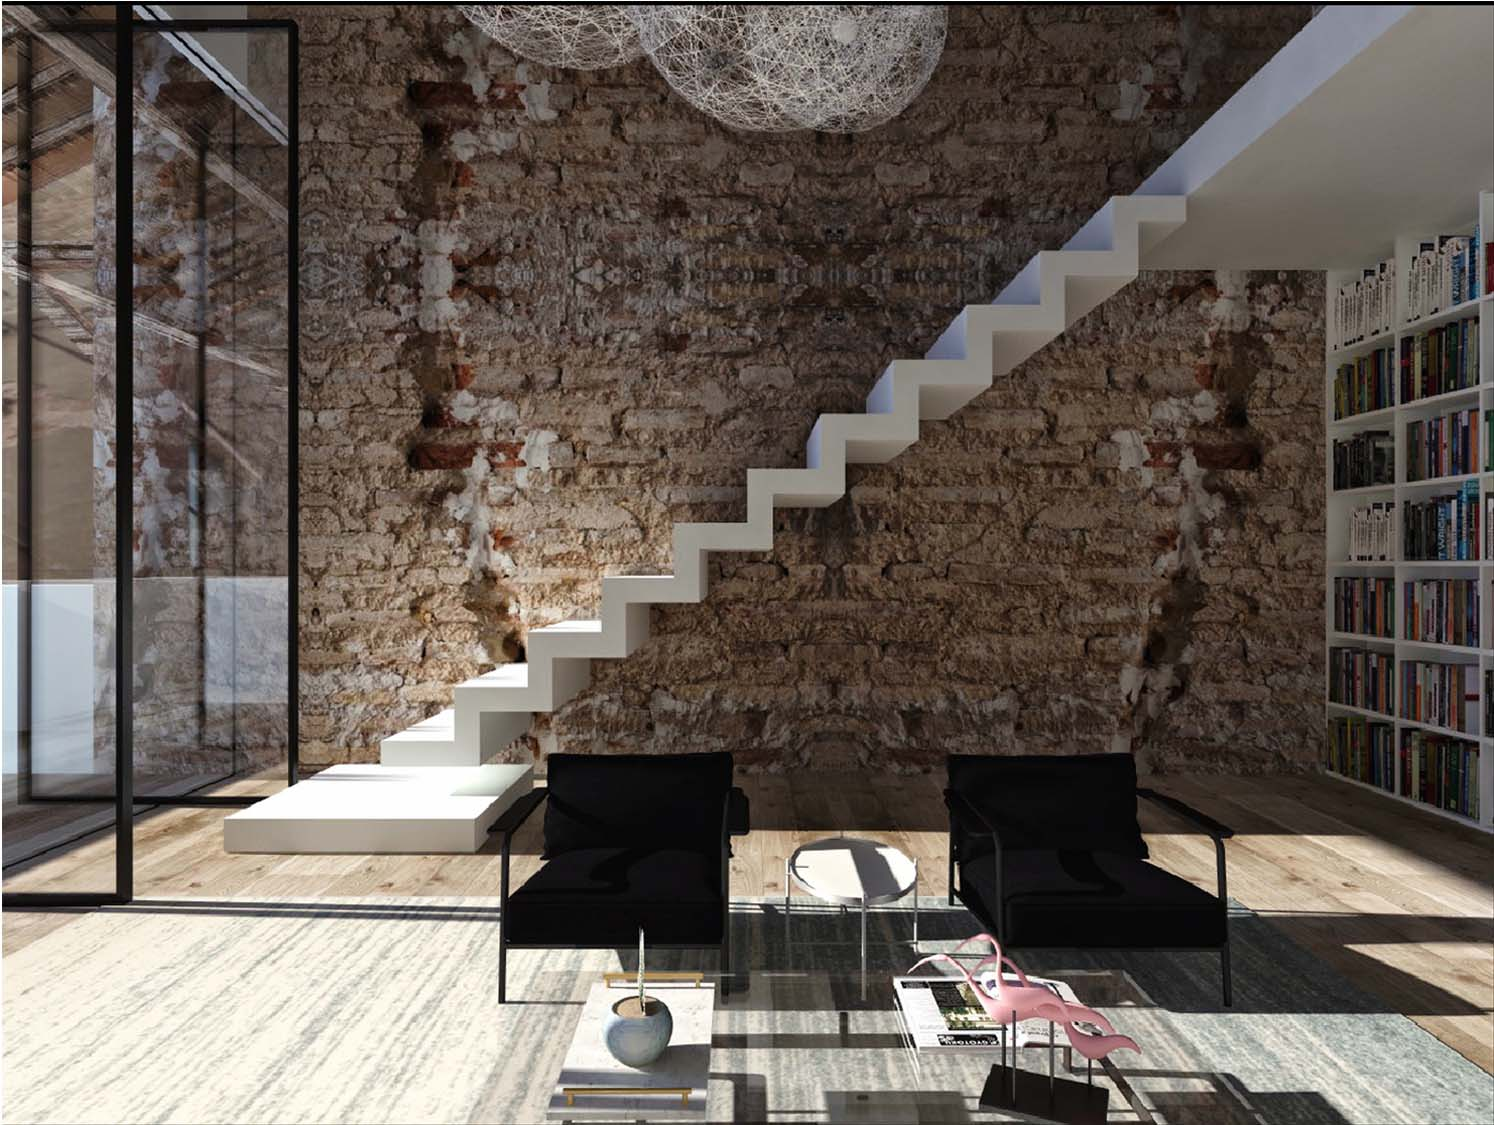 02 réhabilitation_rénovation_espace_architecture_aménagement_intérieur